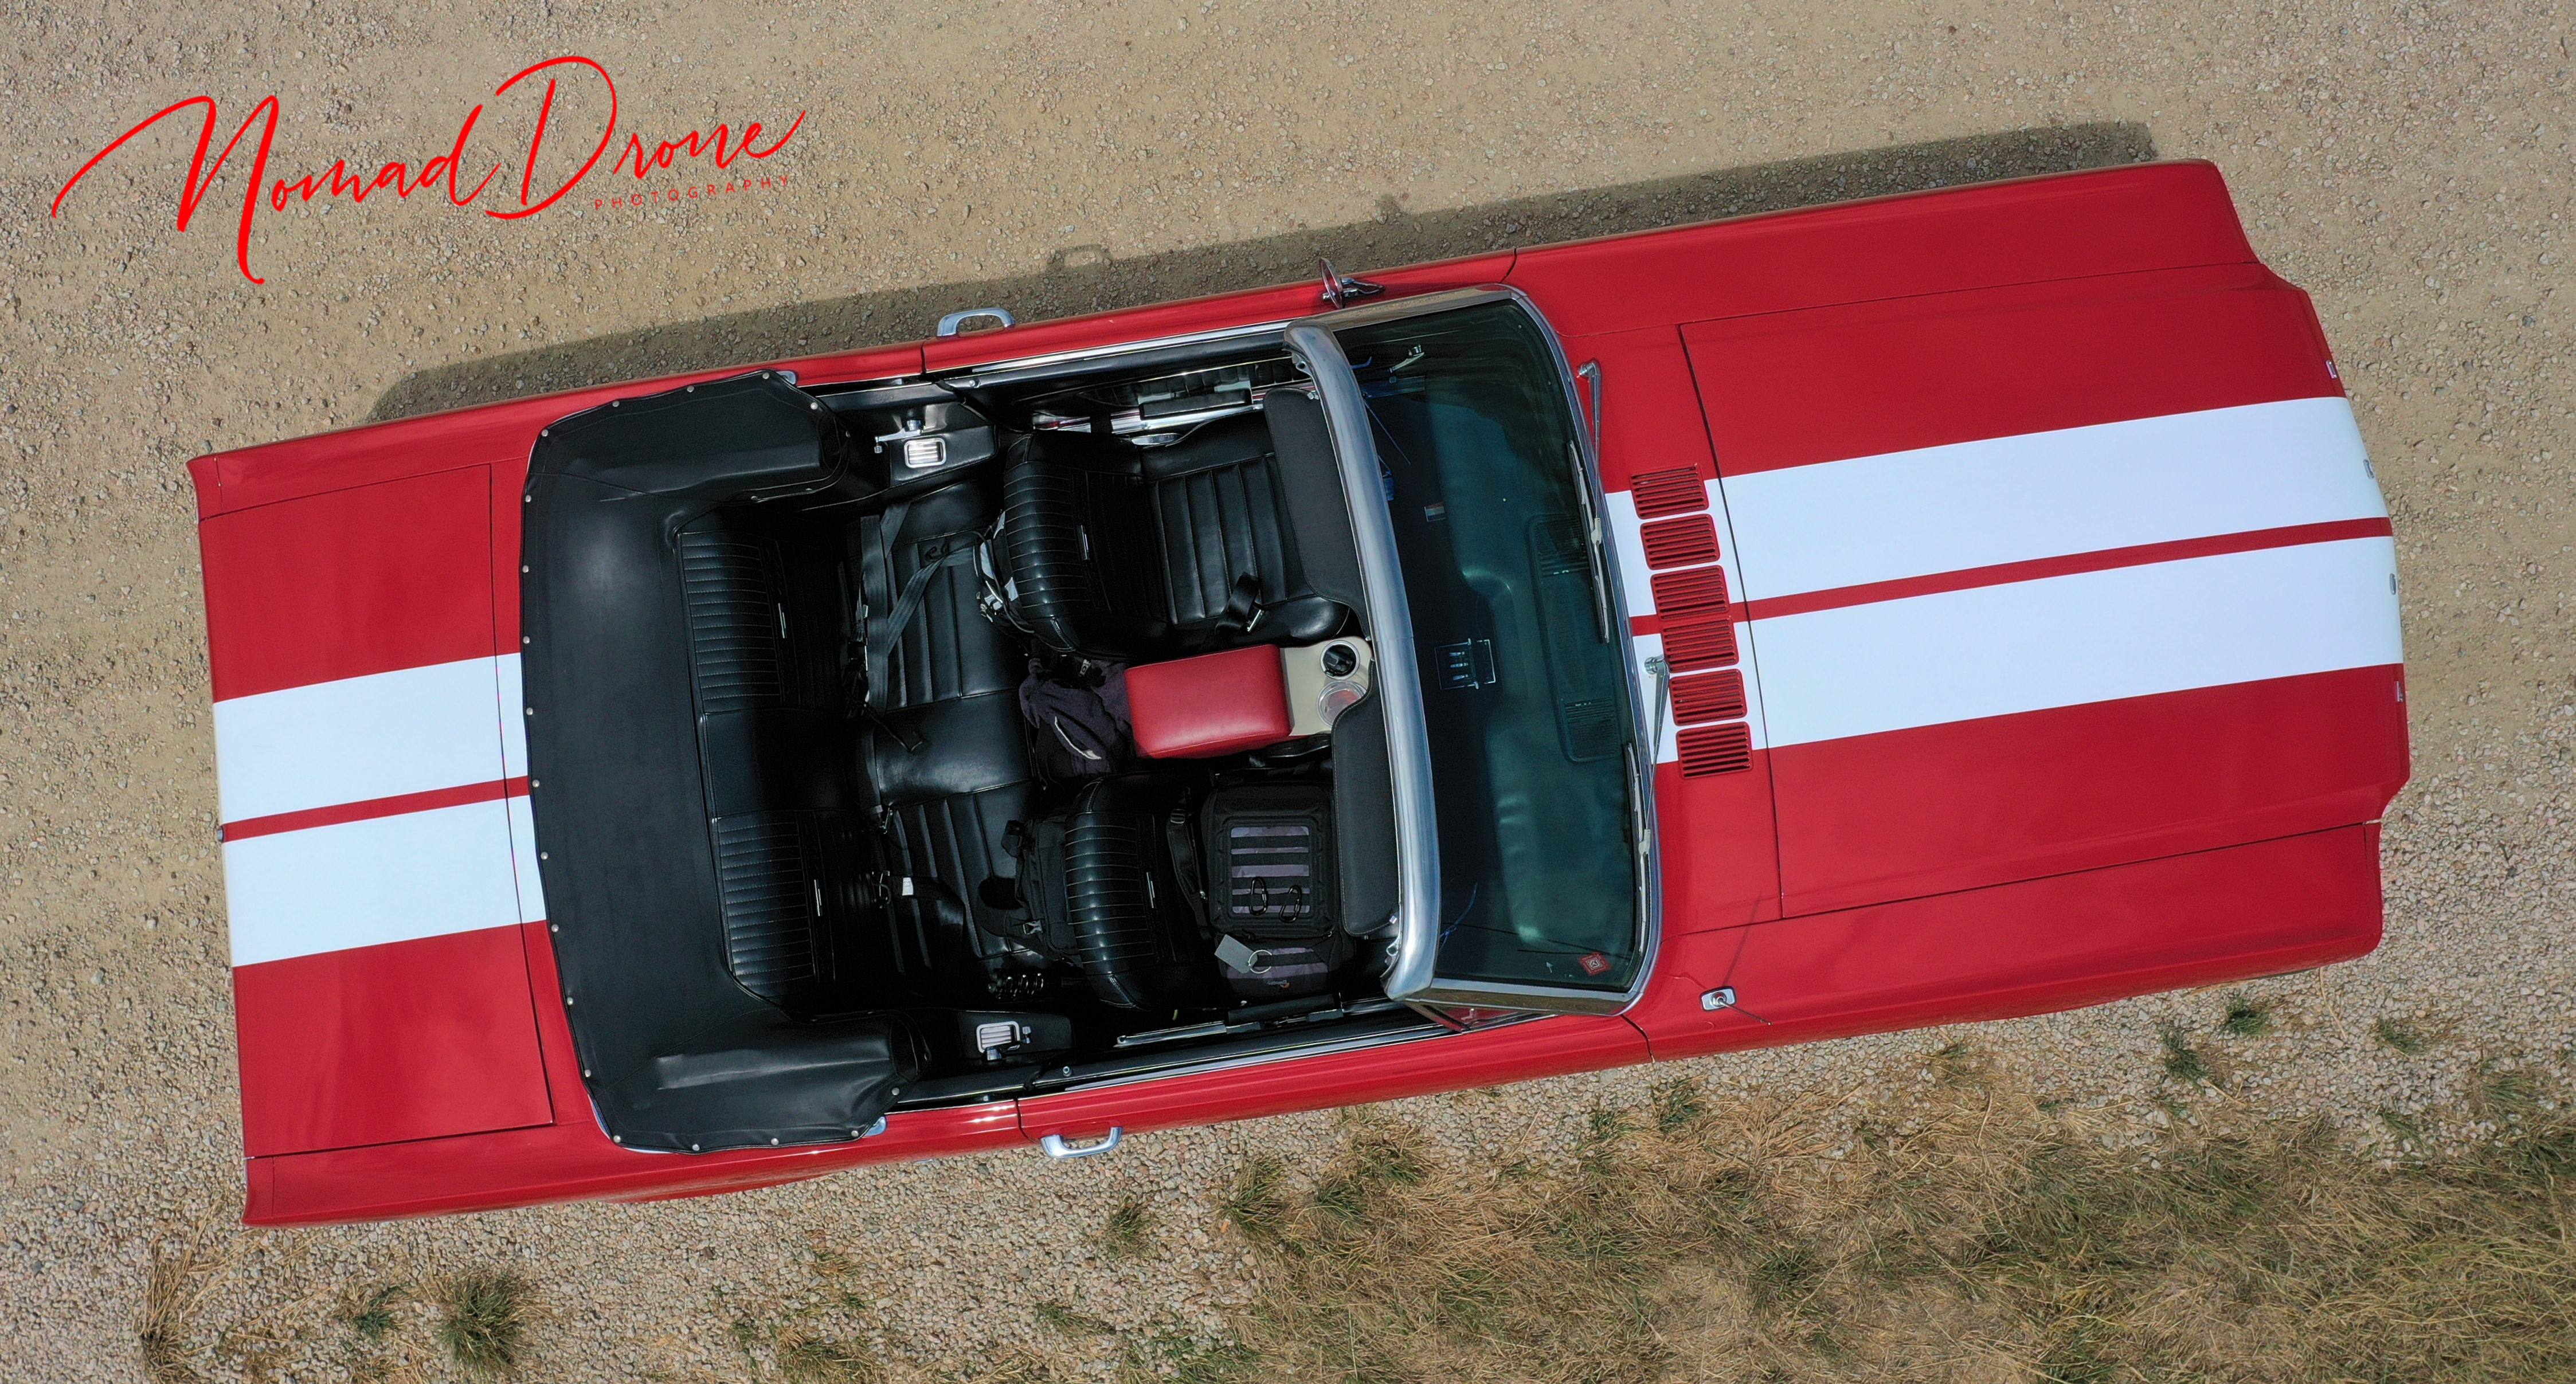 Mustang overhead